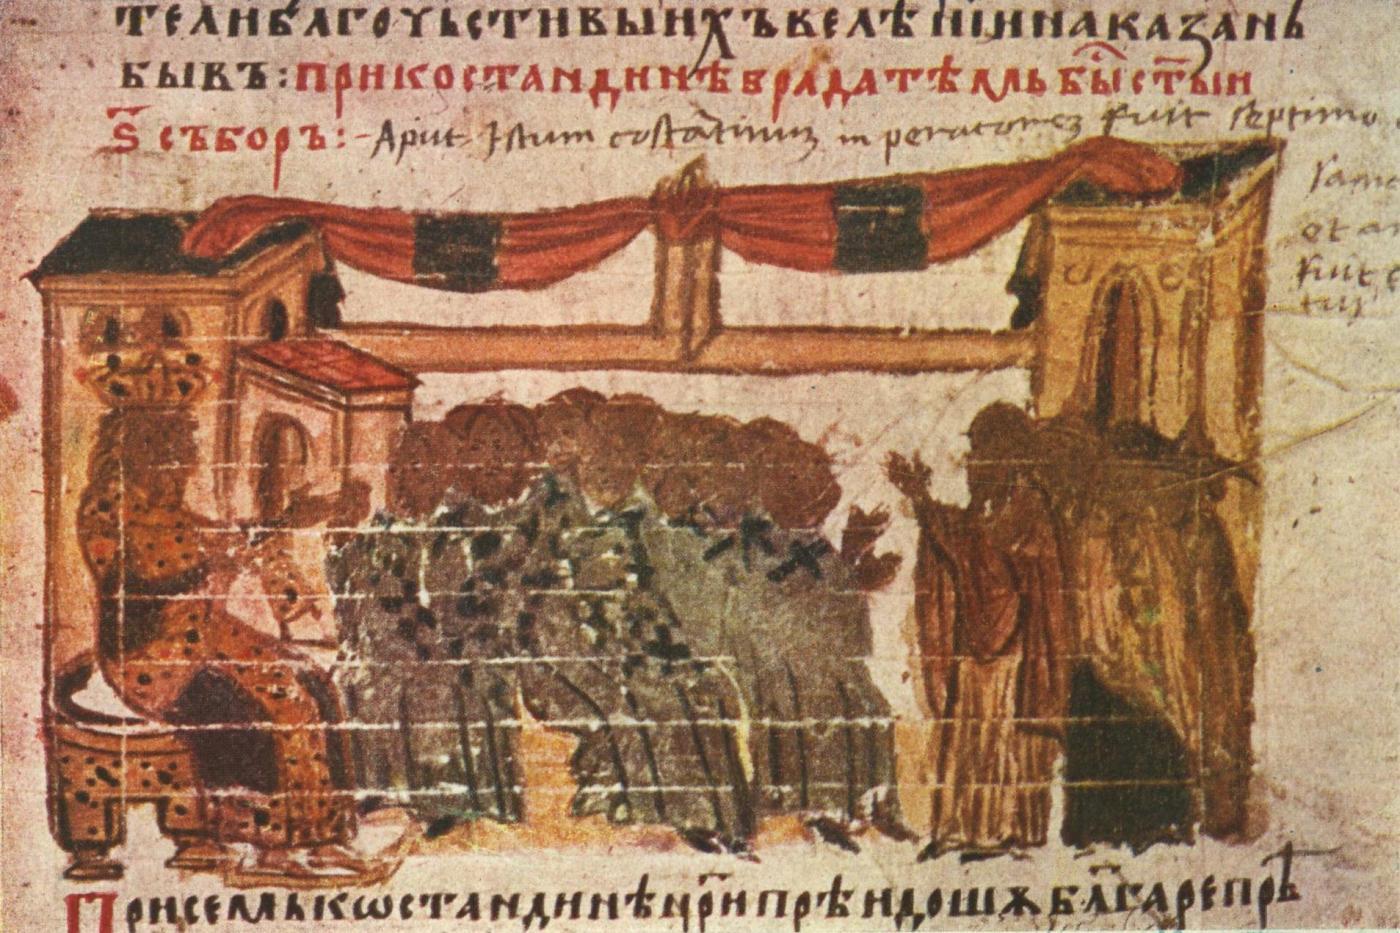 VI მსოფლიო საეკლესიო კრების (680 წ.) მიერ საქართველოს ეკლესიის უფლებათა აღიარება